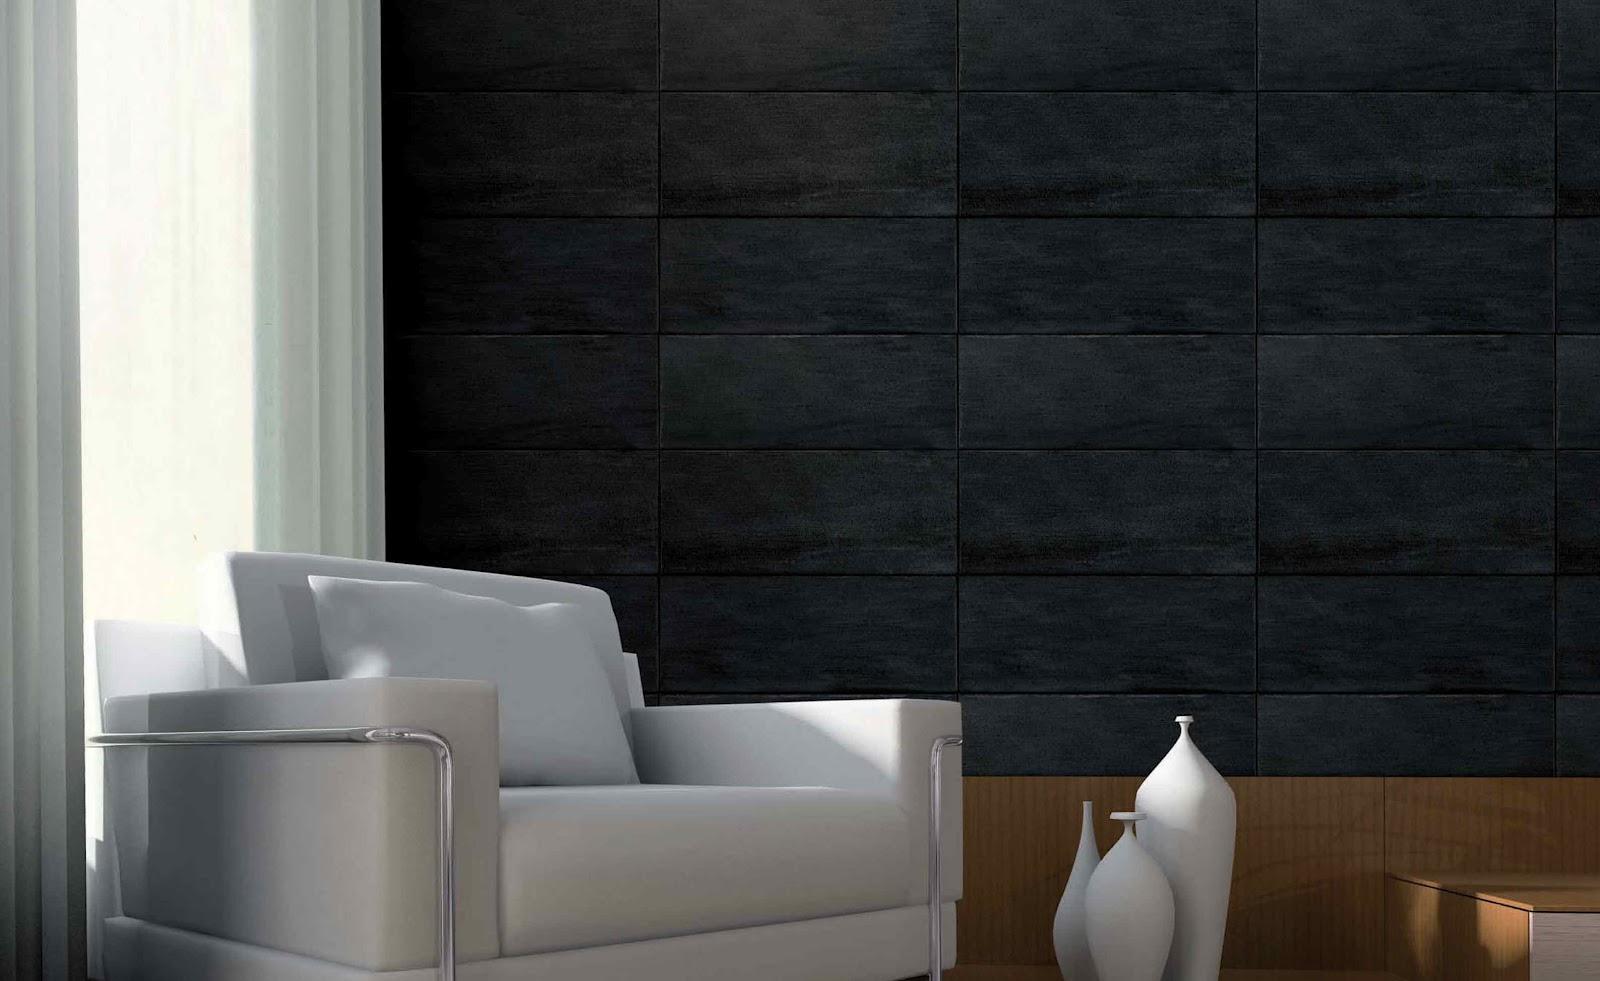 papier peint imitation beton coffre orleans travaux maison par quoi commencer papier peint. Black Bedroom Furniture Sets. Home Design Ideas